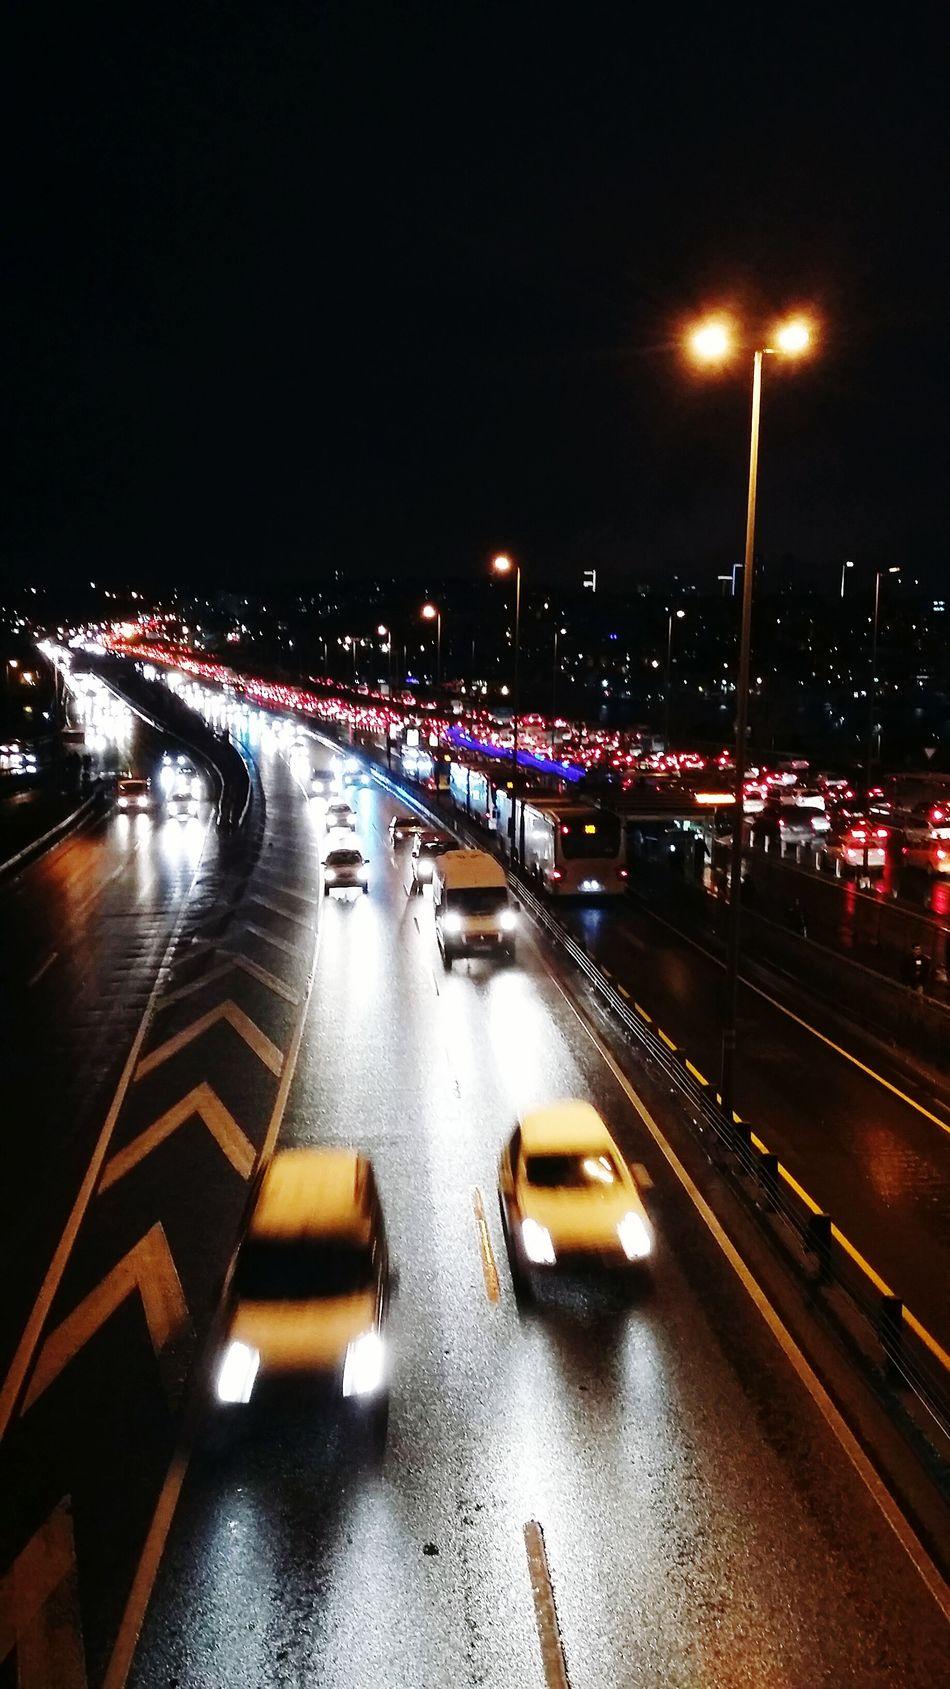 ıstanbul Trafik E5 Turkey Gece Araba Soguk Kar Kiş